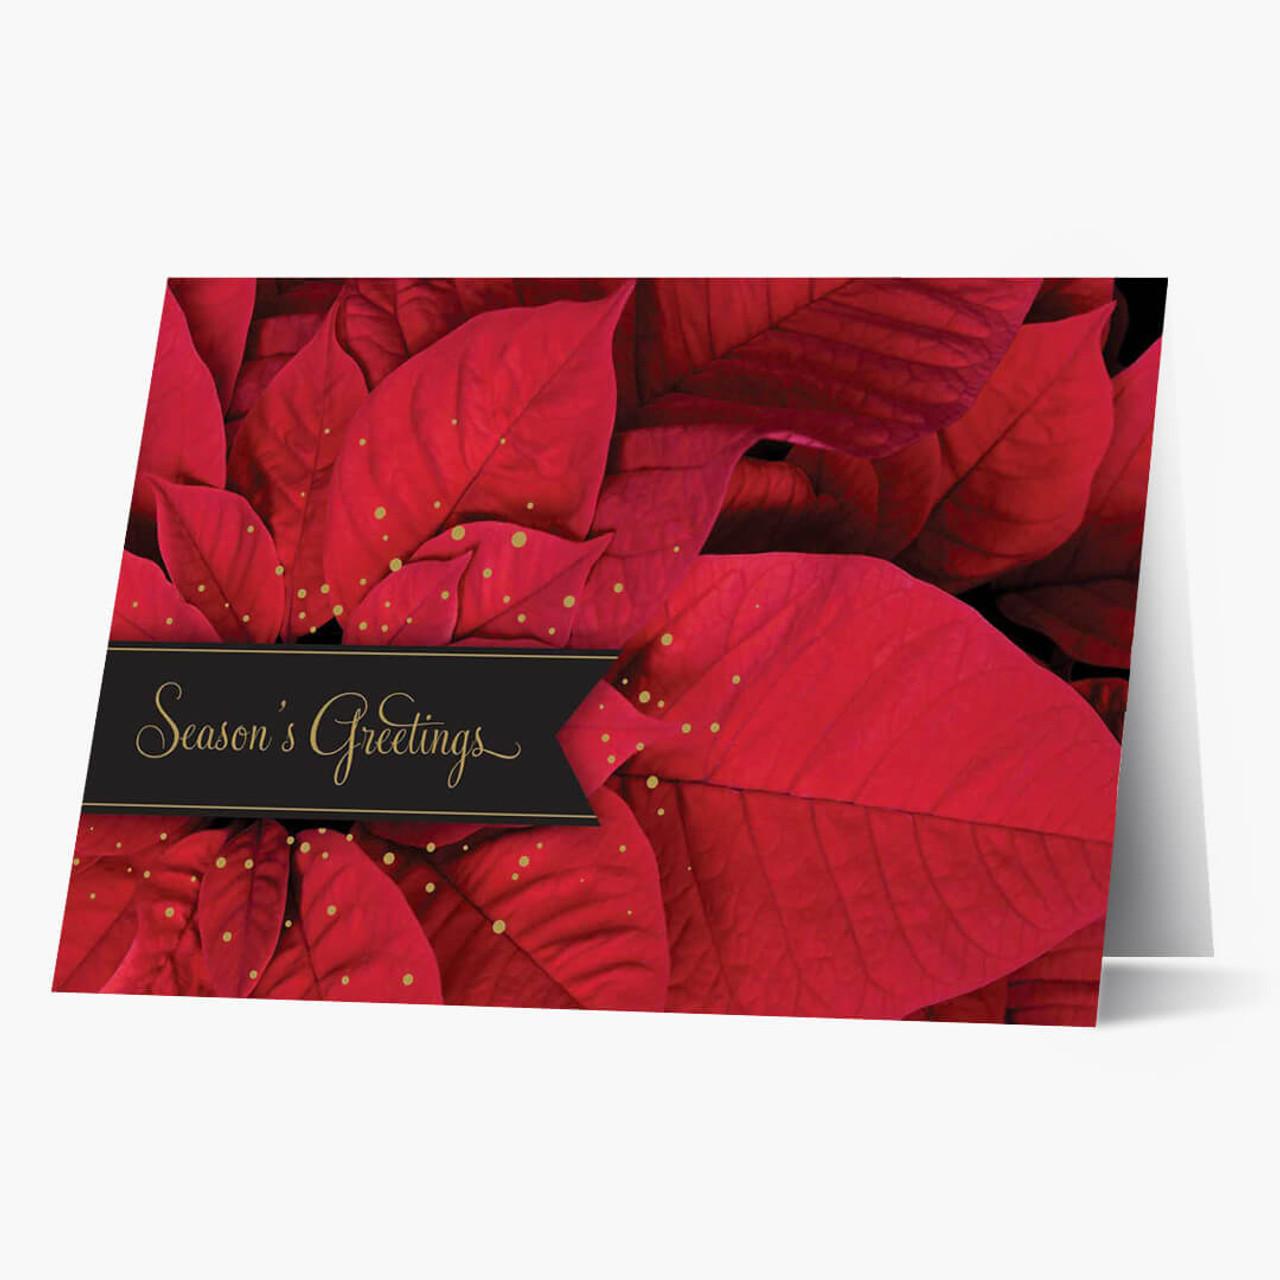 Picturesque Poinsettia